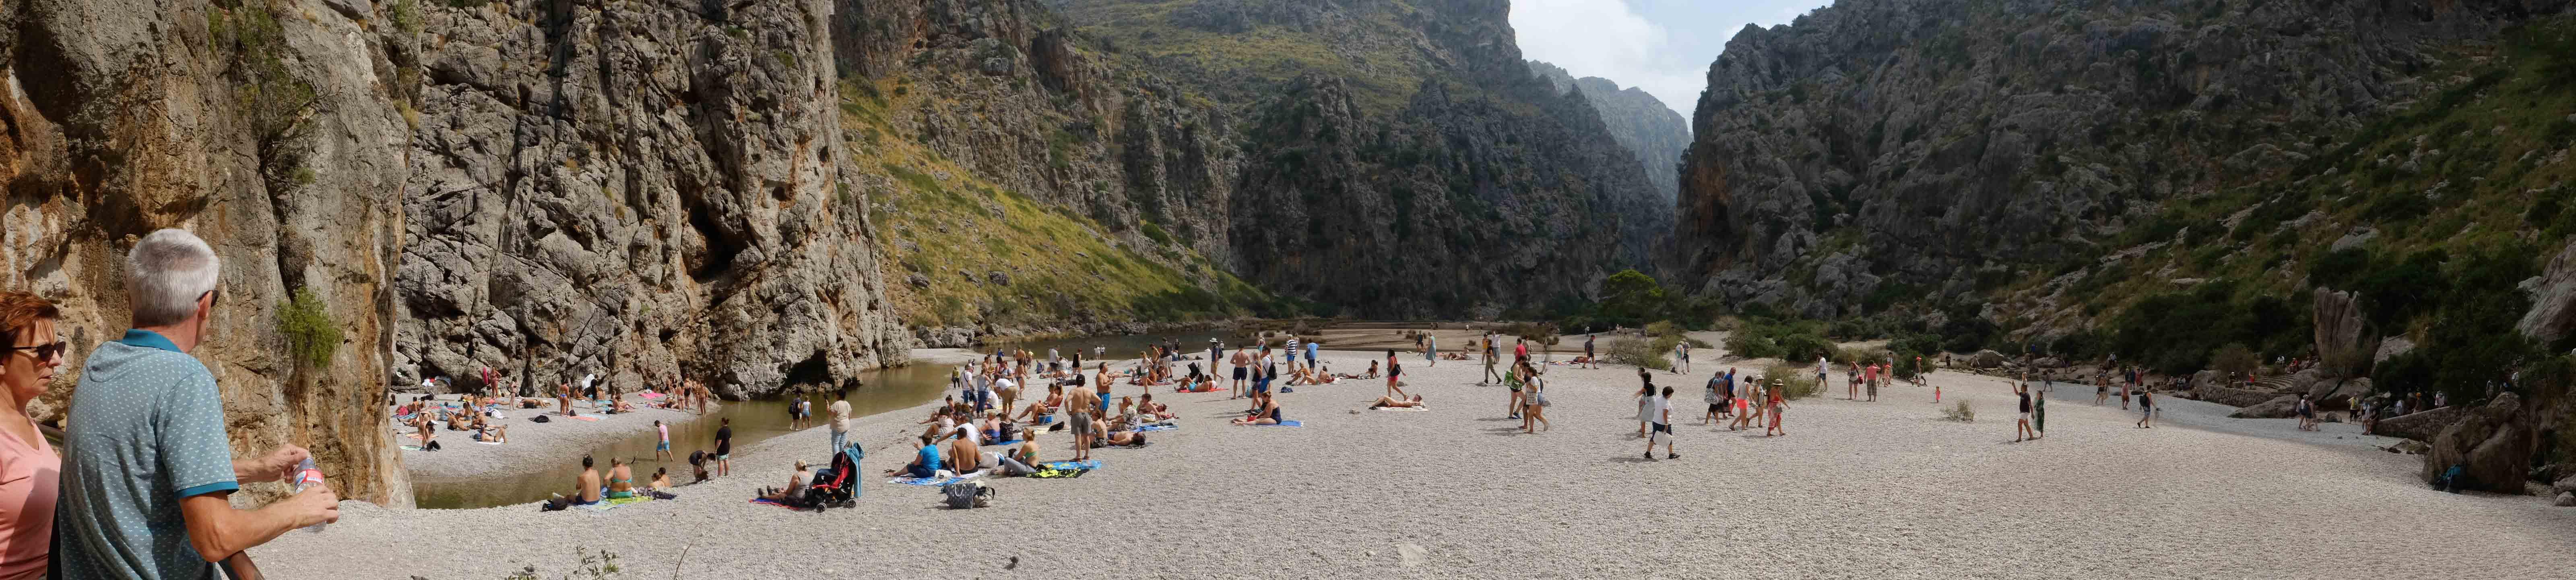 каньон са калобра фото